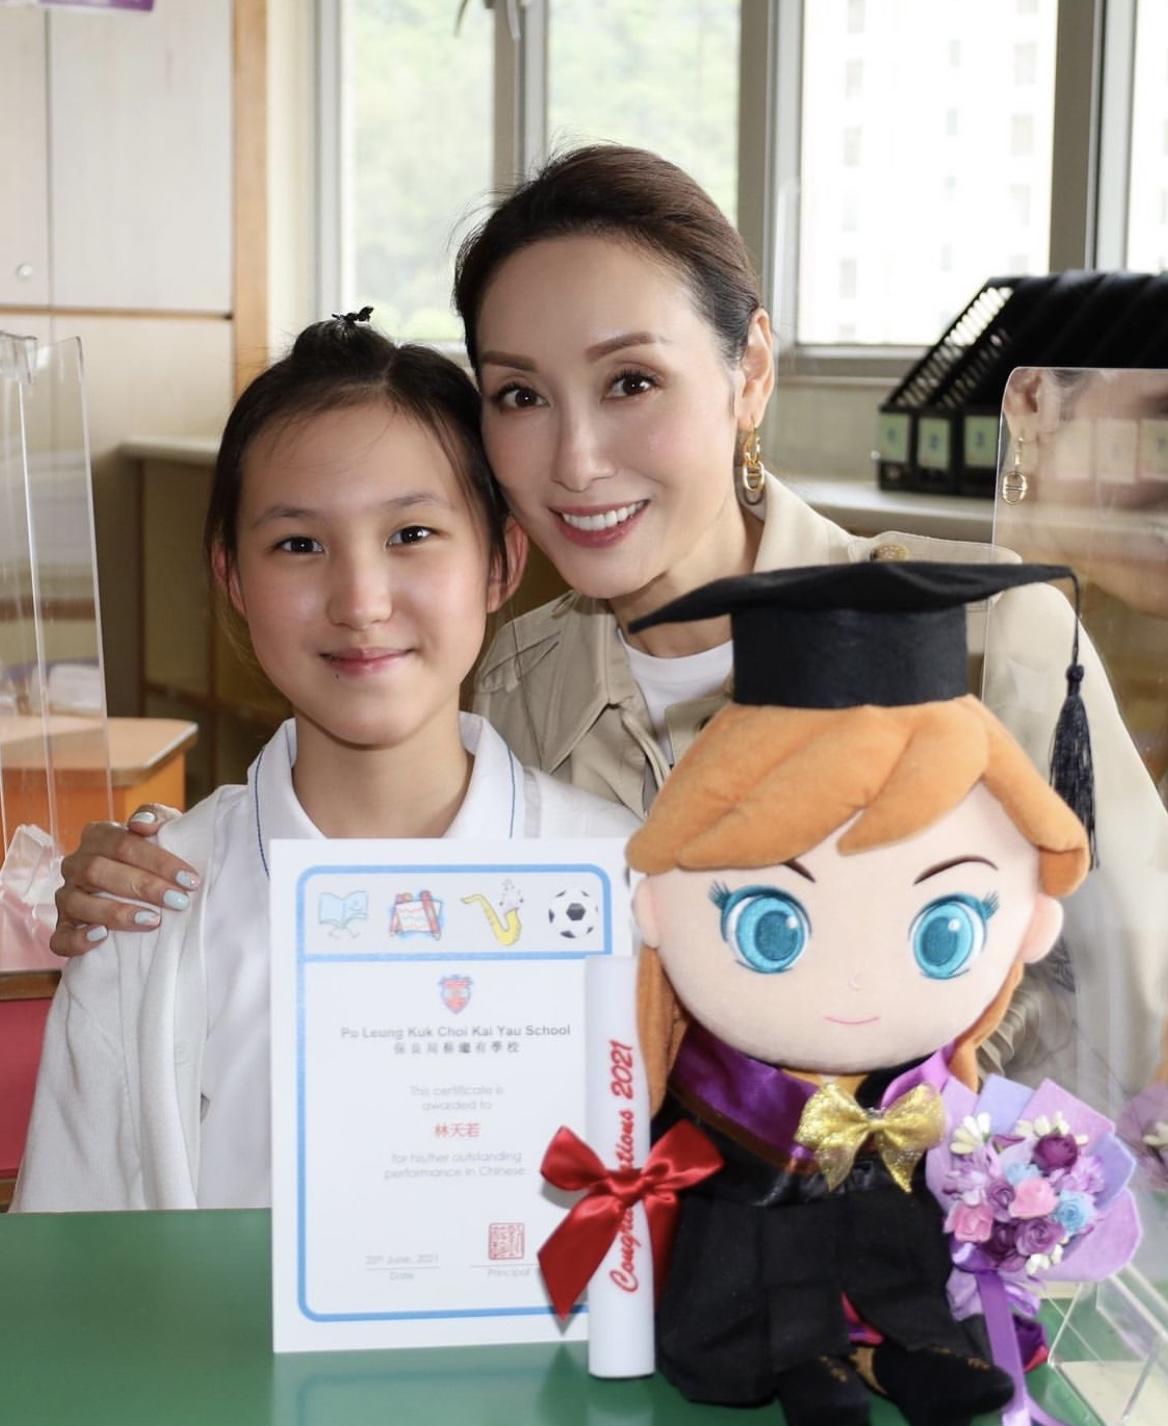 郭可盈女儿小学毕业,连夺三年学科冠军,全家出席毕业礼倍感自豪